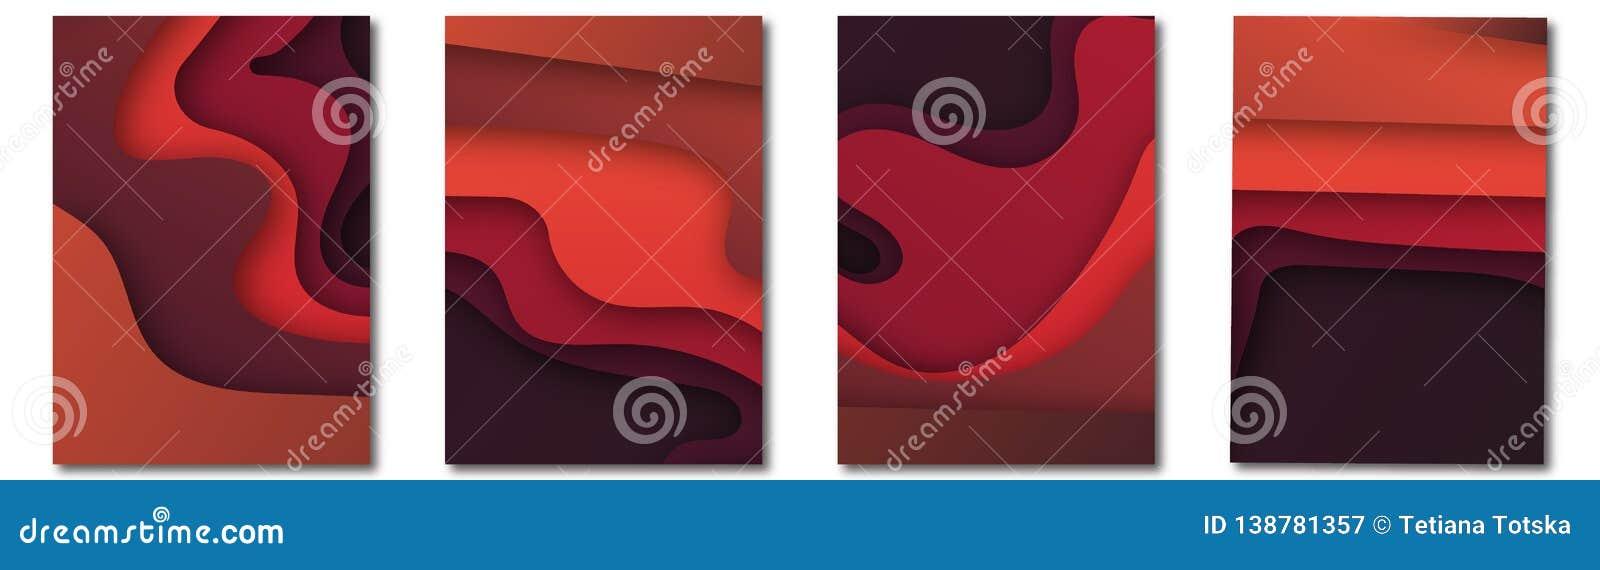 Modern vektormall för broschyren, broschyr, reklamblad, räkning, katalog i formatet A4 Abstrakt vätska 3d formar moderiktig flyta